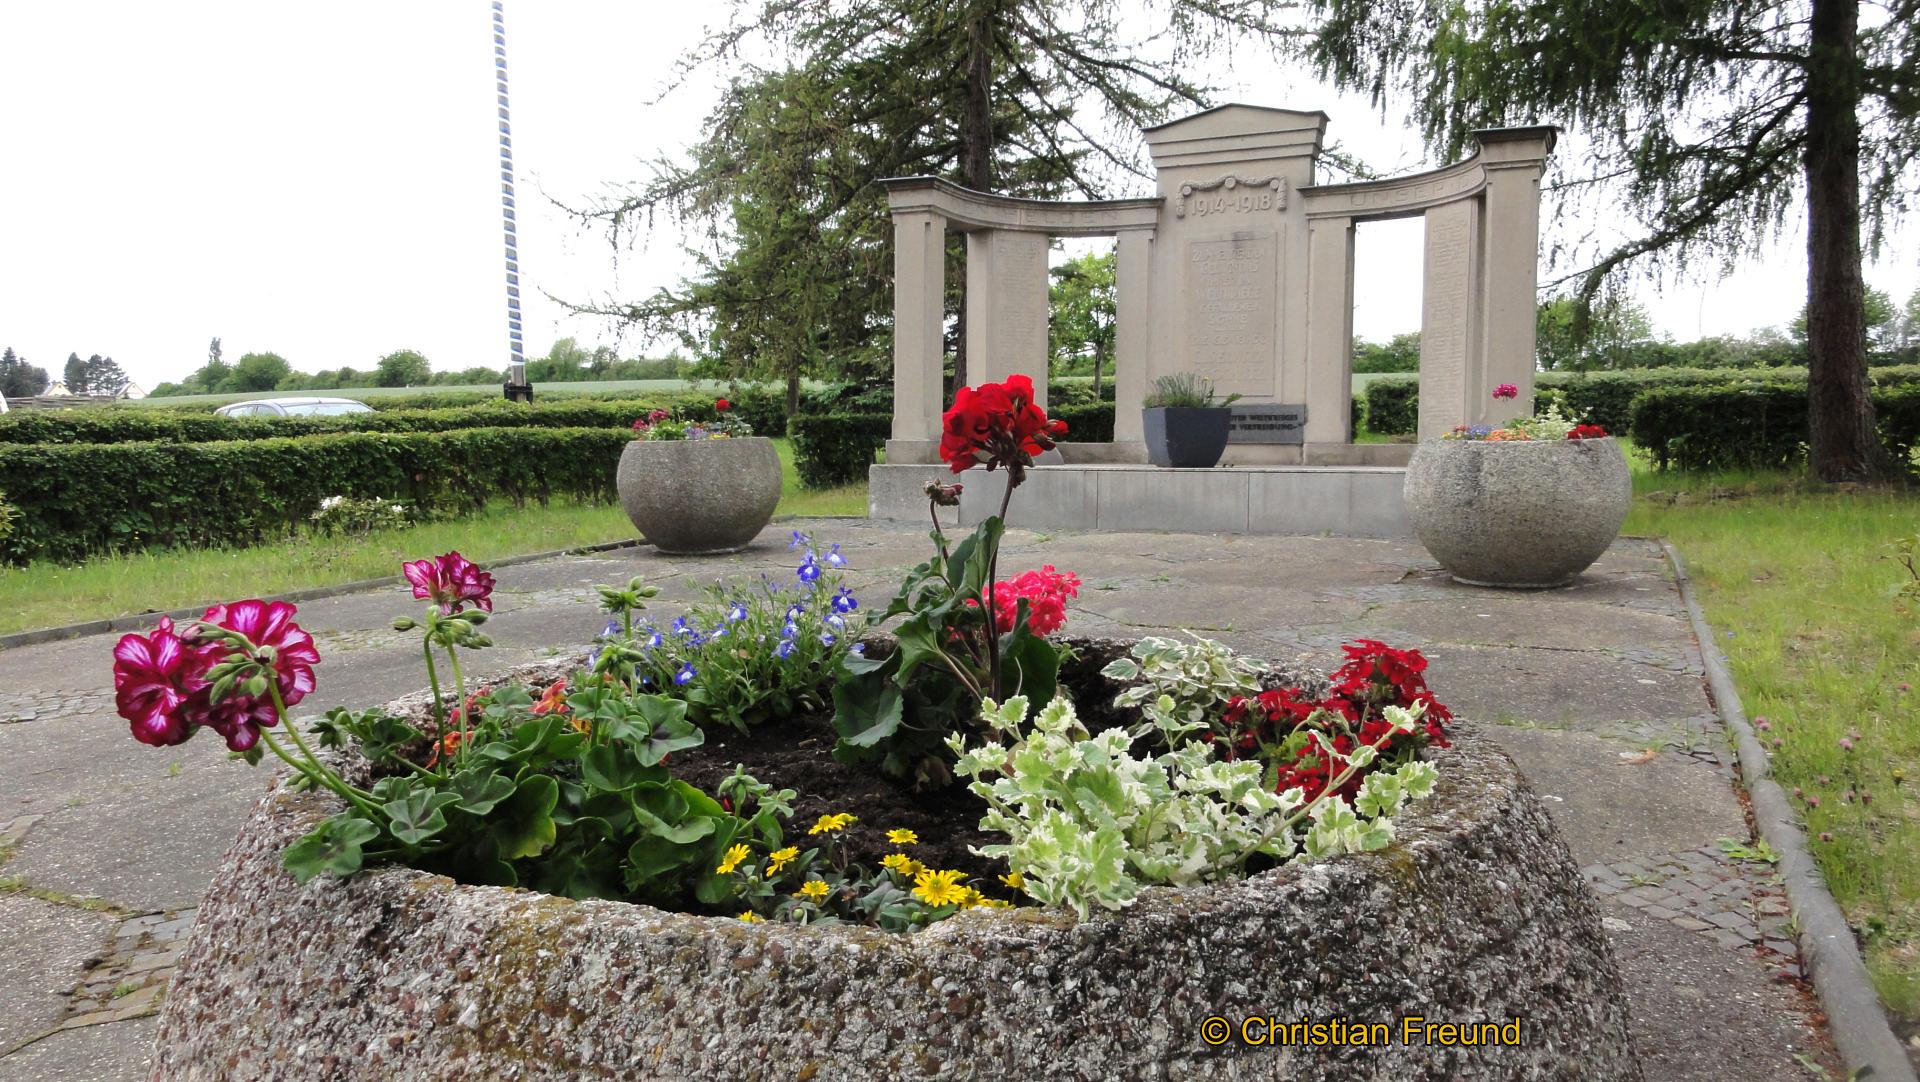 Blumenkübel jetzt auf dem Areal des Denkmals